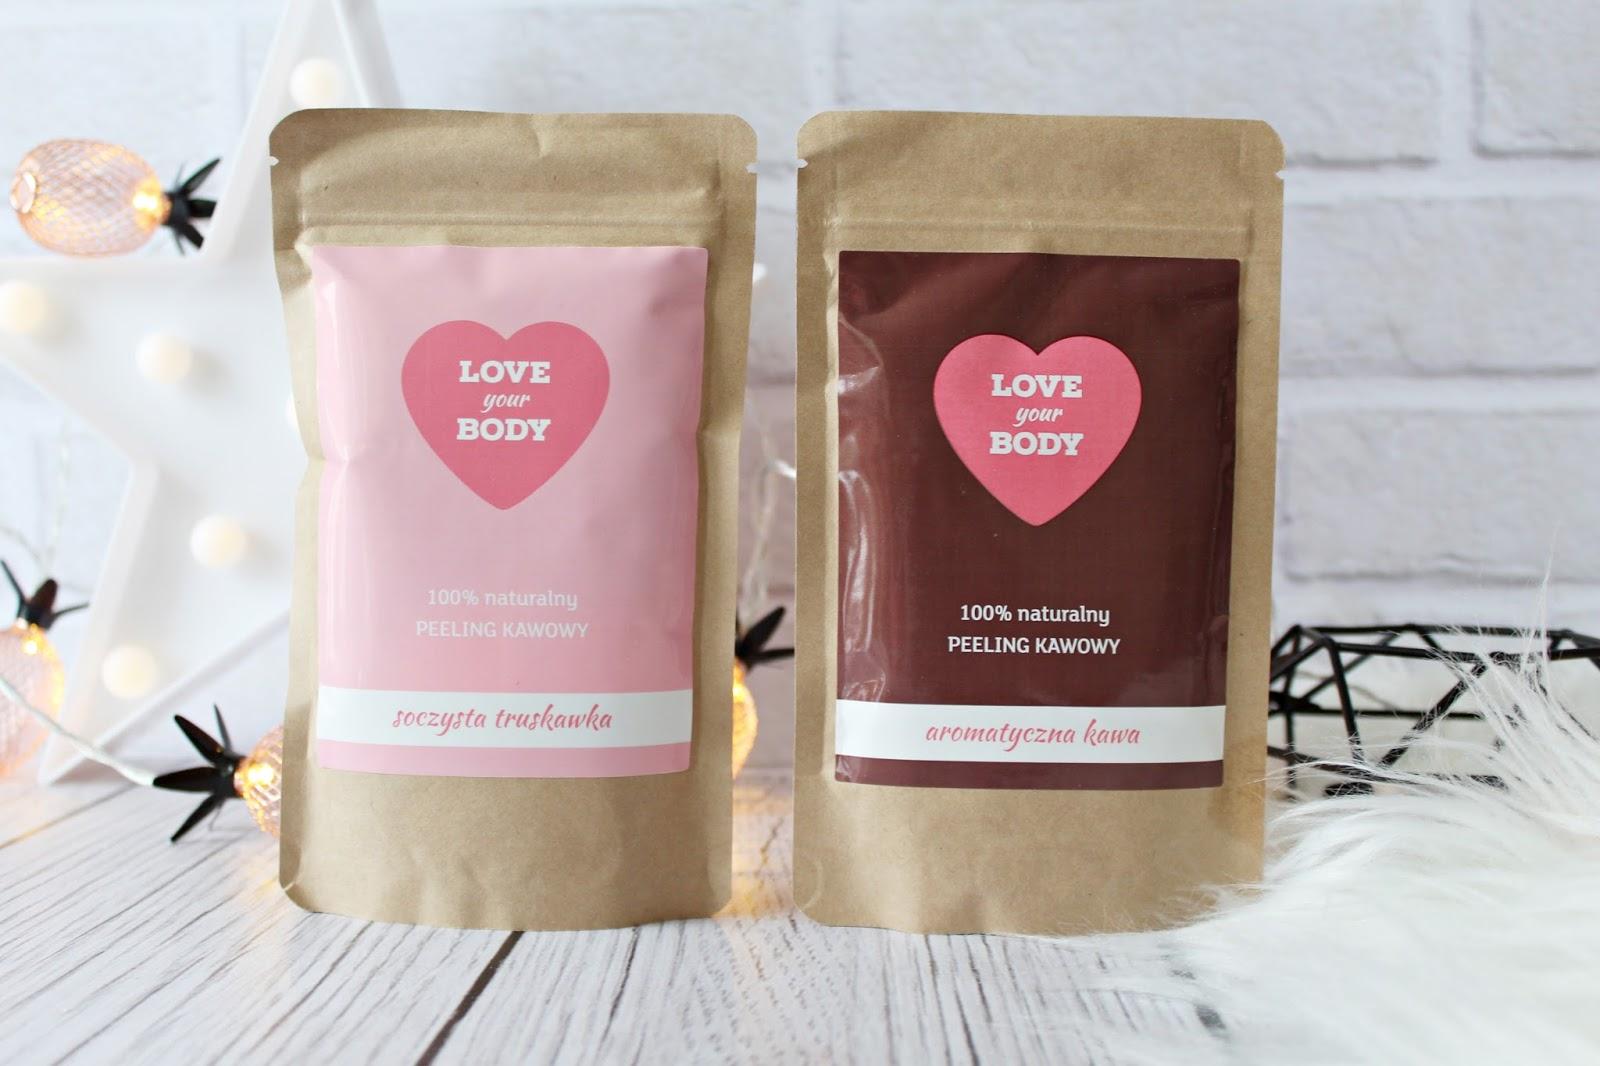 Soczysta truskawka, aromatyczna kawa - PEELING KAWOWY - LOVE YOUR BODY